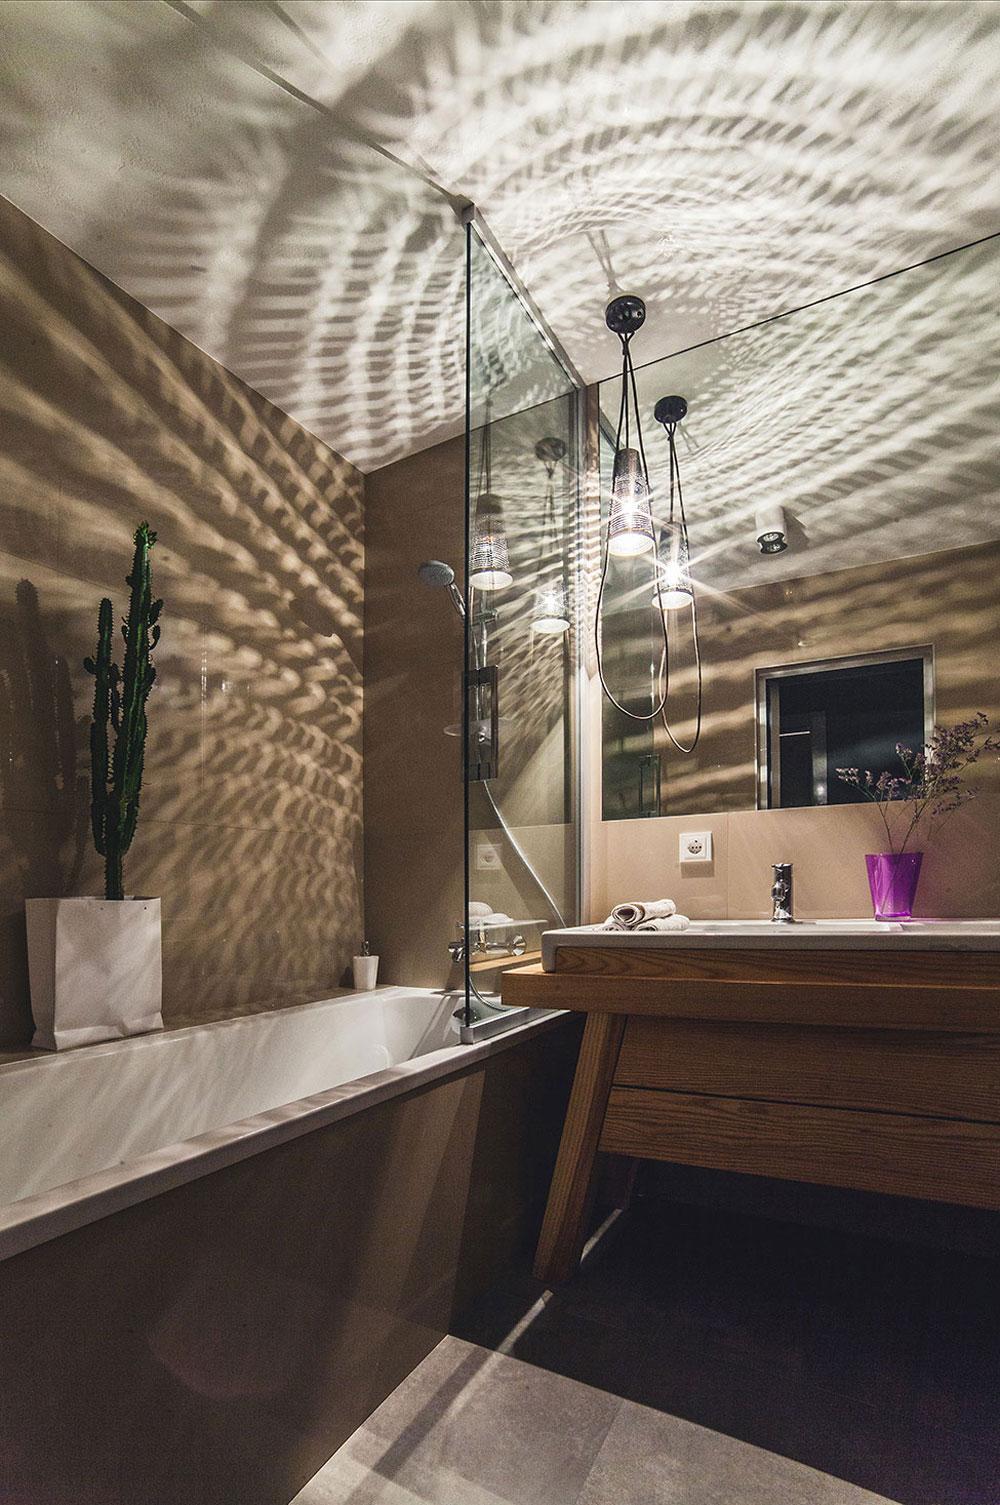 Häpnadsväckande-badrum-interiör-Galerie-som-kommer att glädja dig-2 Häpnadsväckande badrum interiör galleri som kommer att inspirera dig